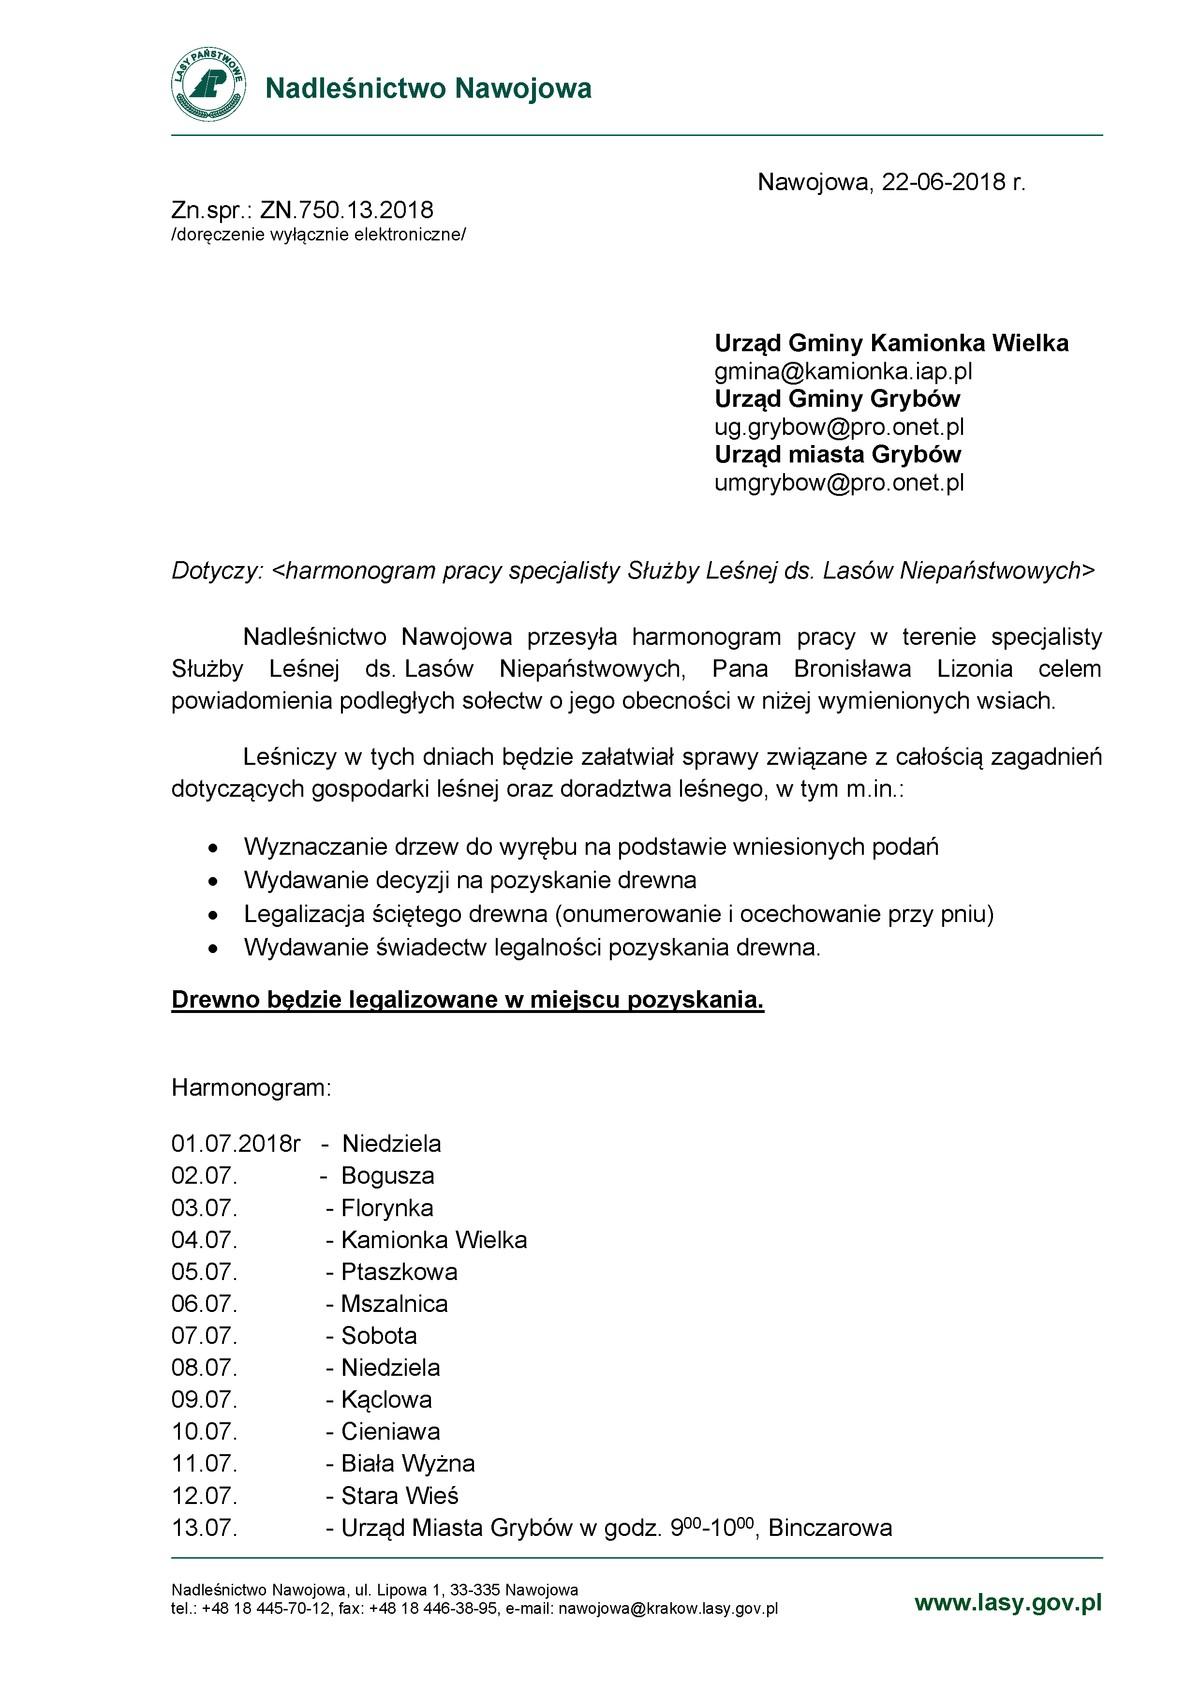 Harmonogram pracy leśniczego (lipiec 2018)